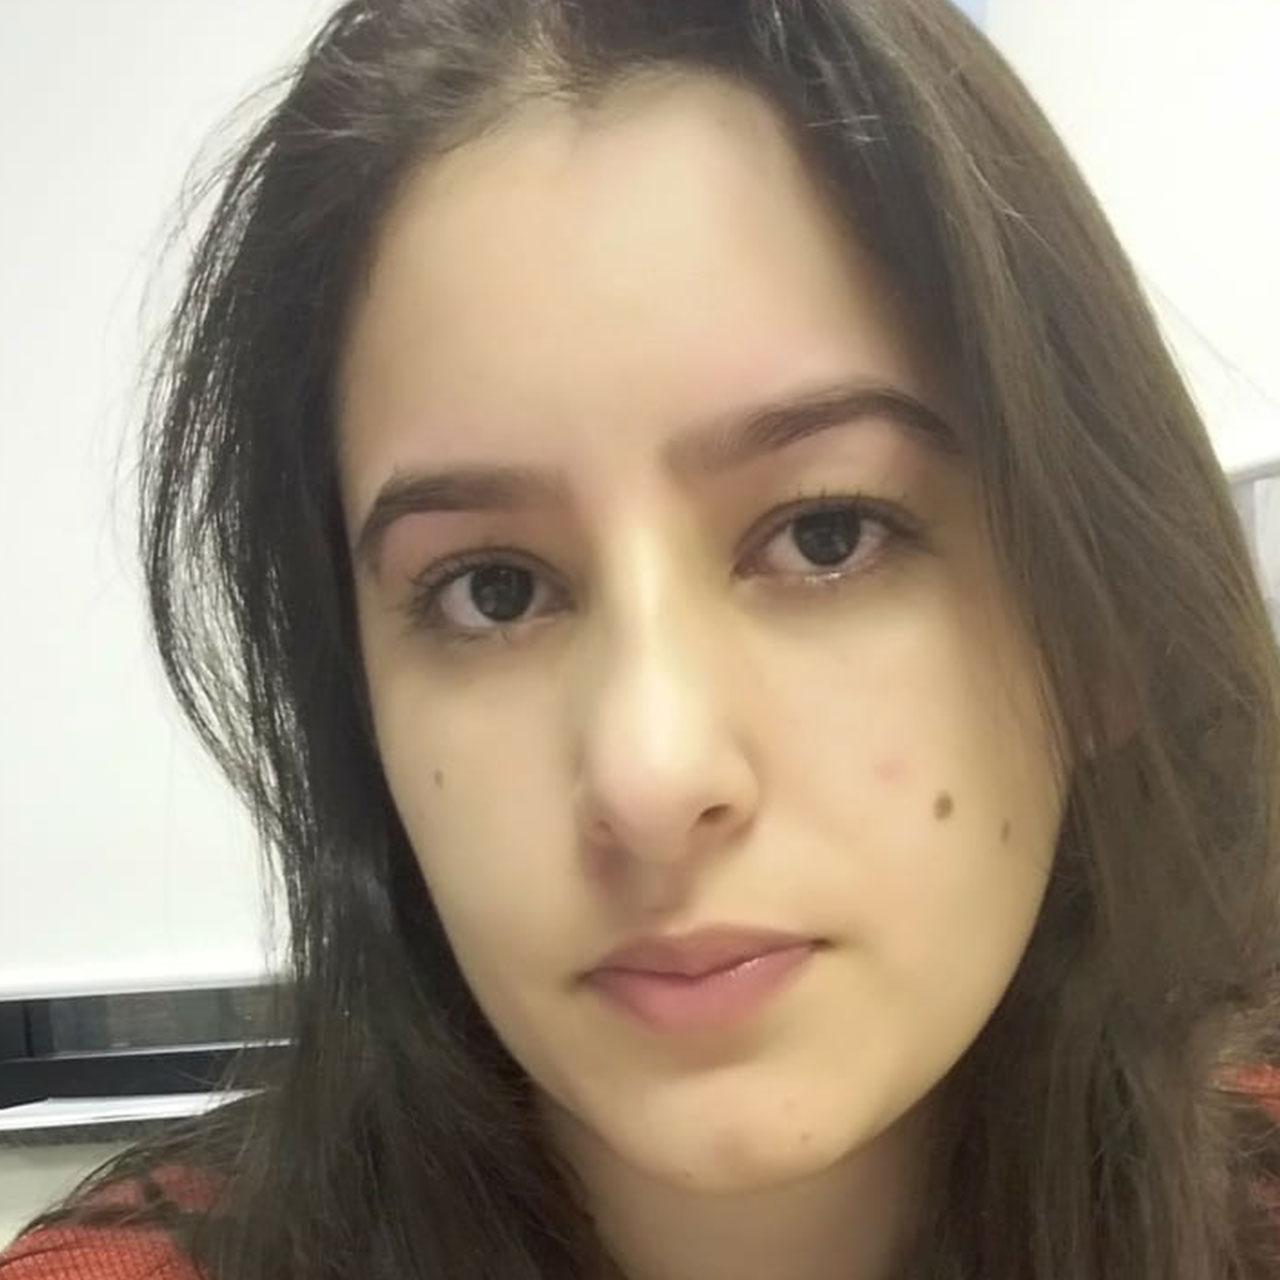 Samea Souza